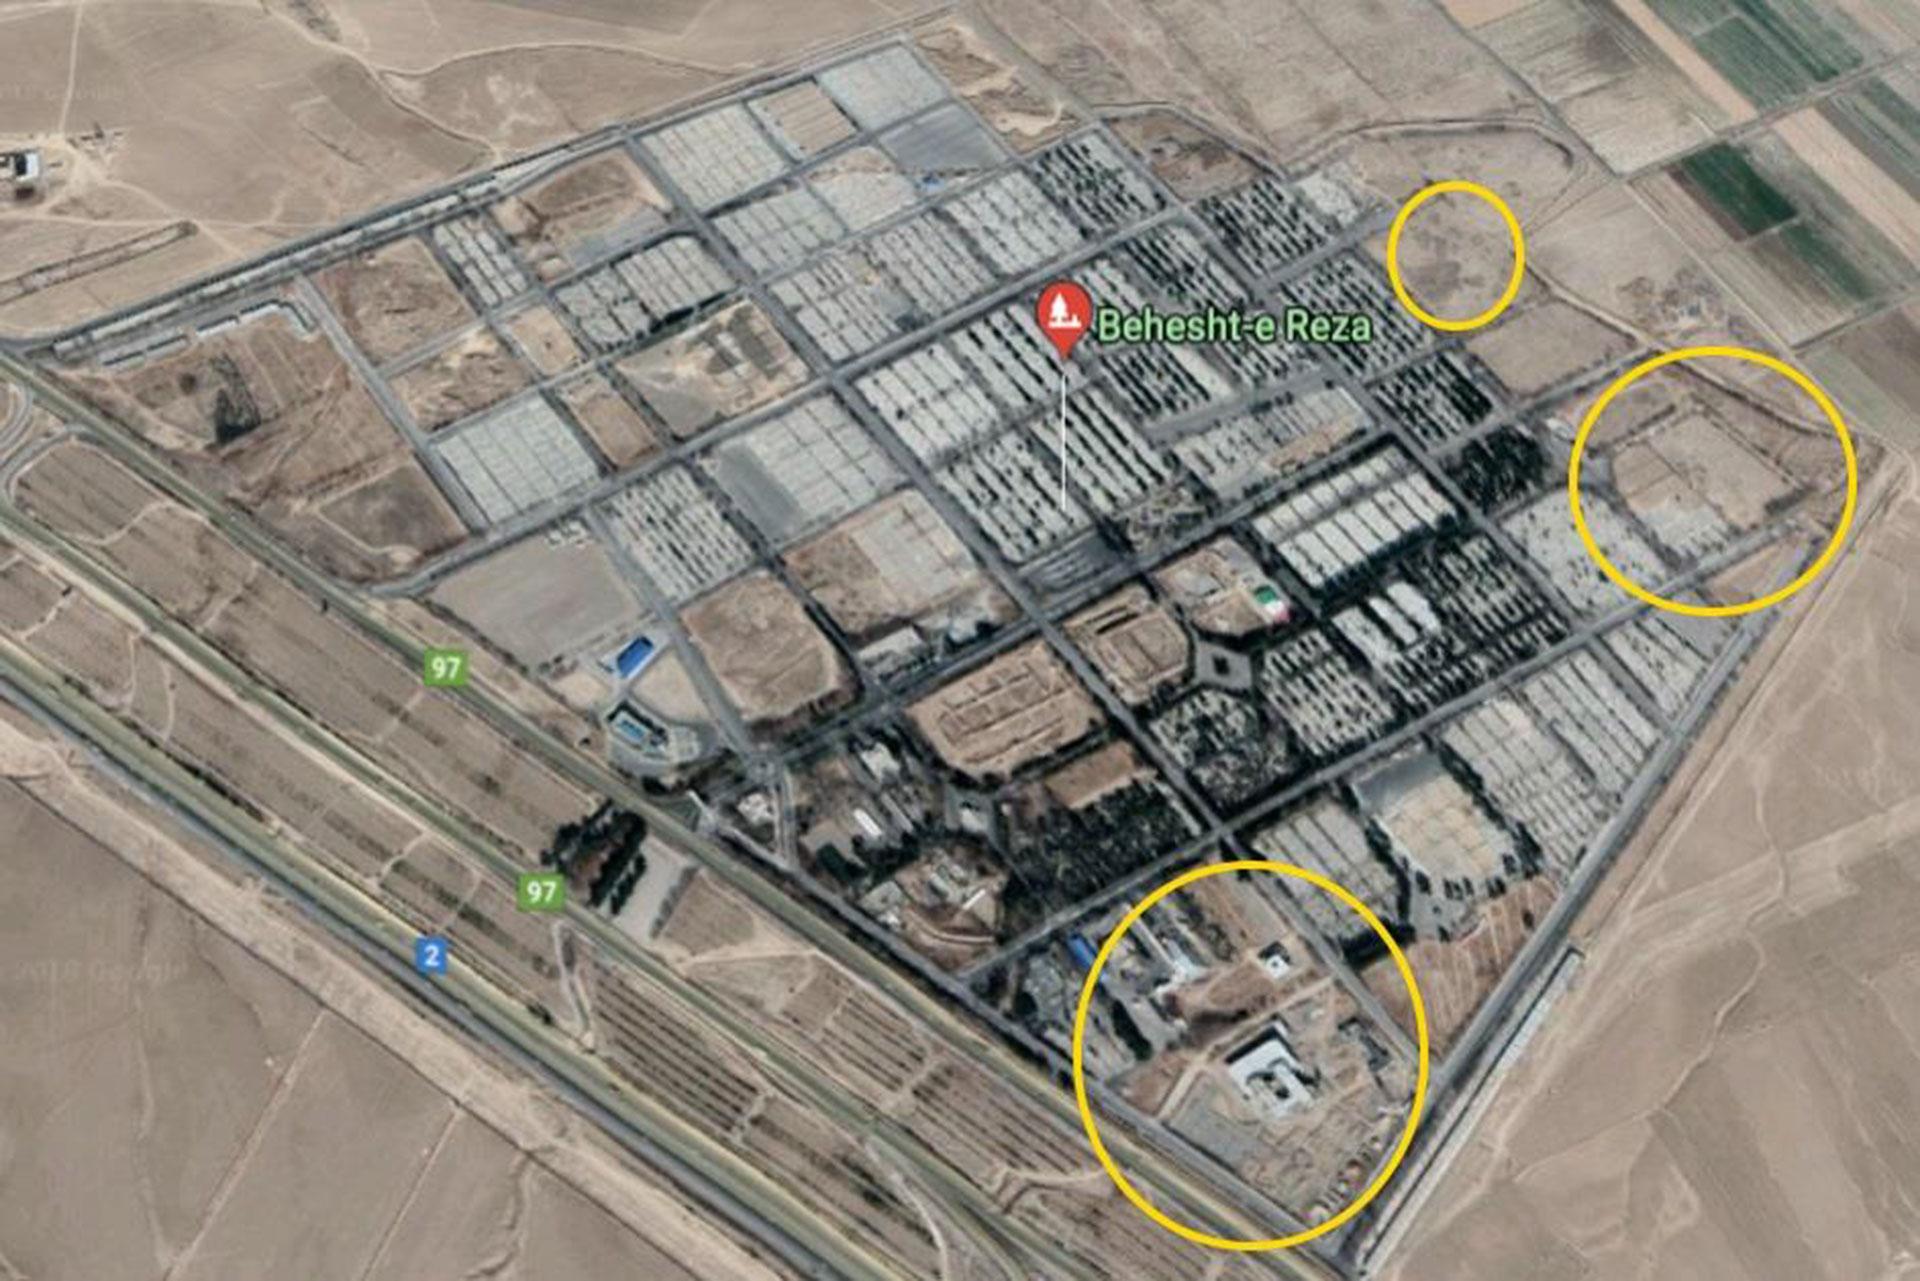 Aquí se marcan los lugares que fueron reconvertidos por el régimen persa